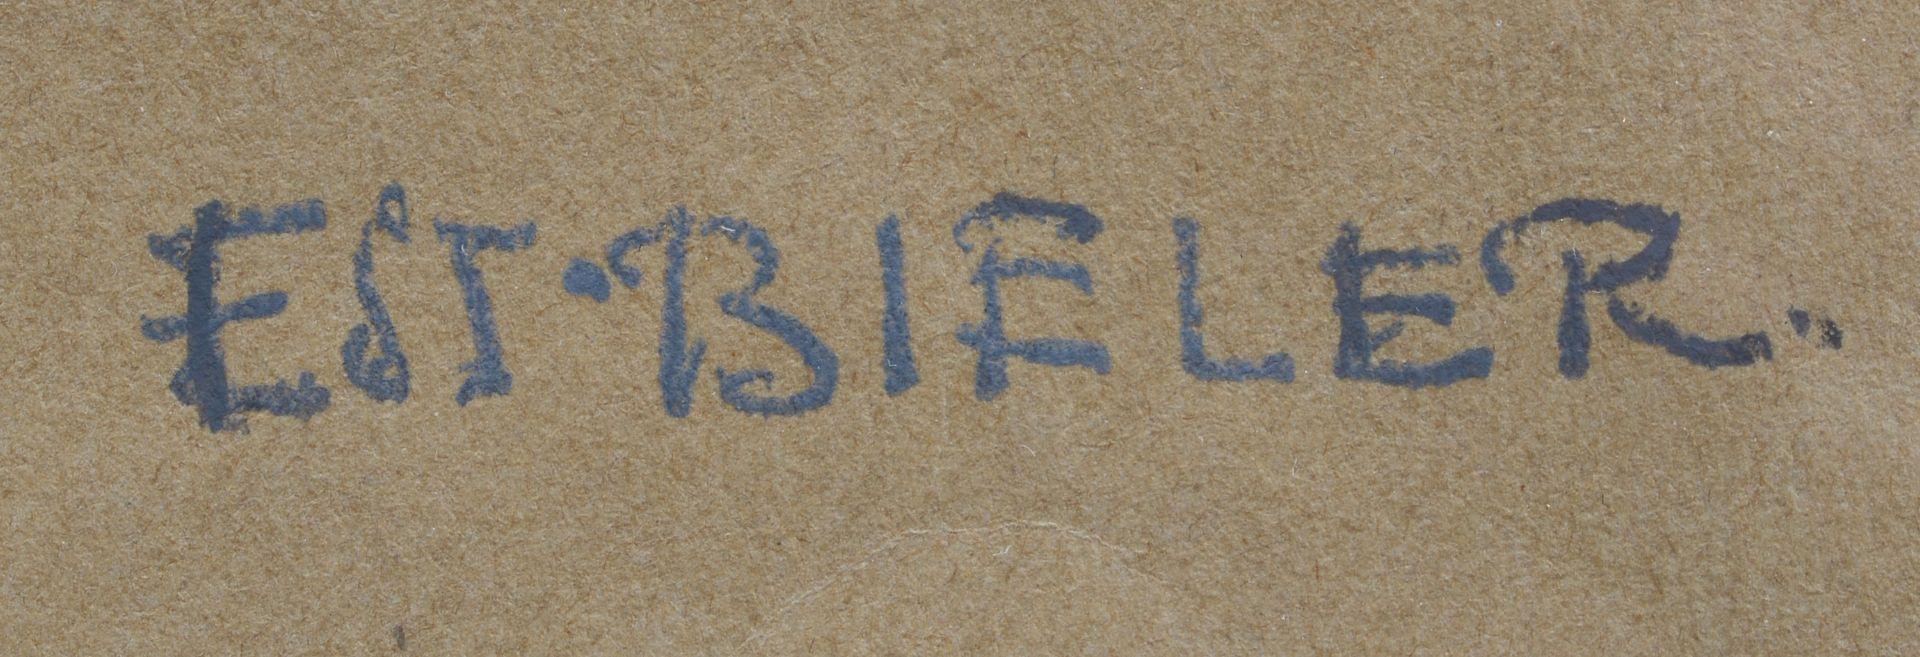 BIÉLER, ERNEST: Gerbes de blé. - Image 3 of 3